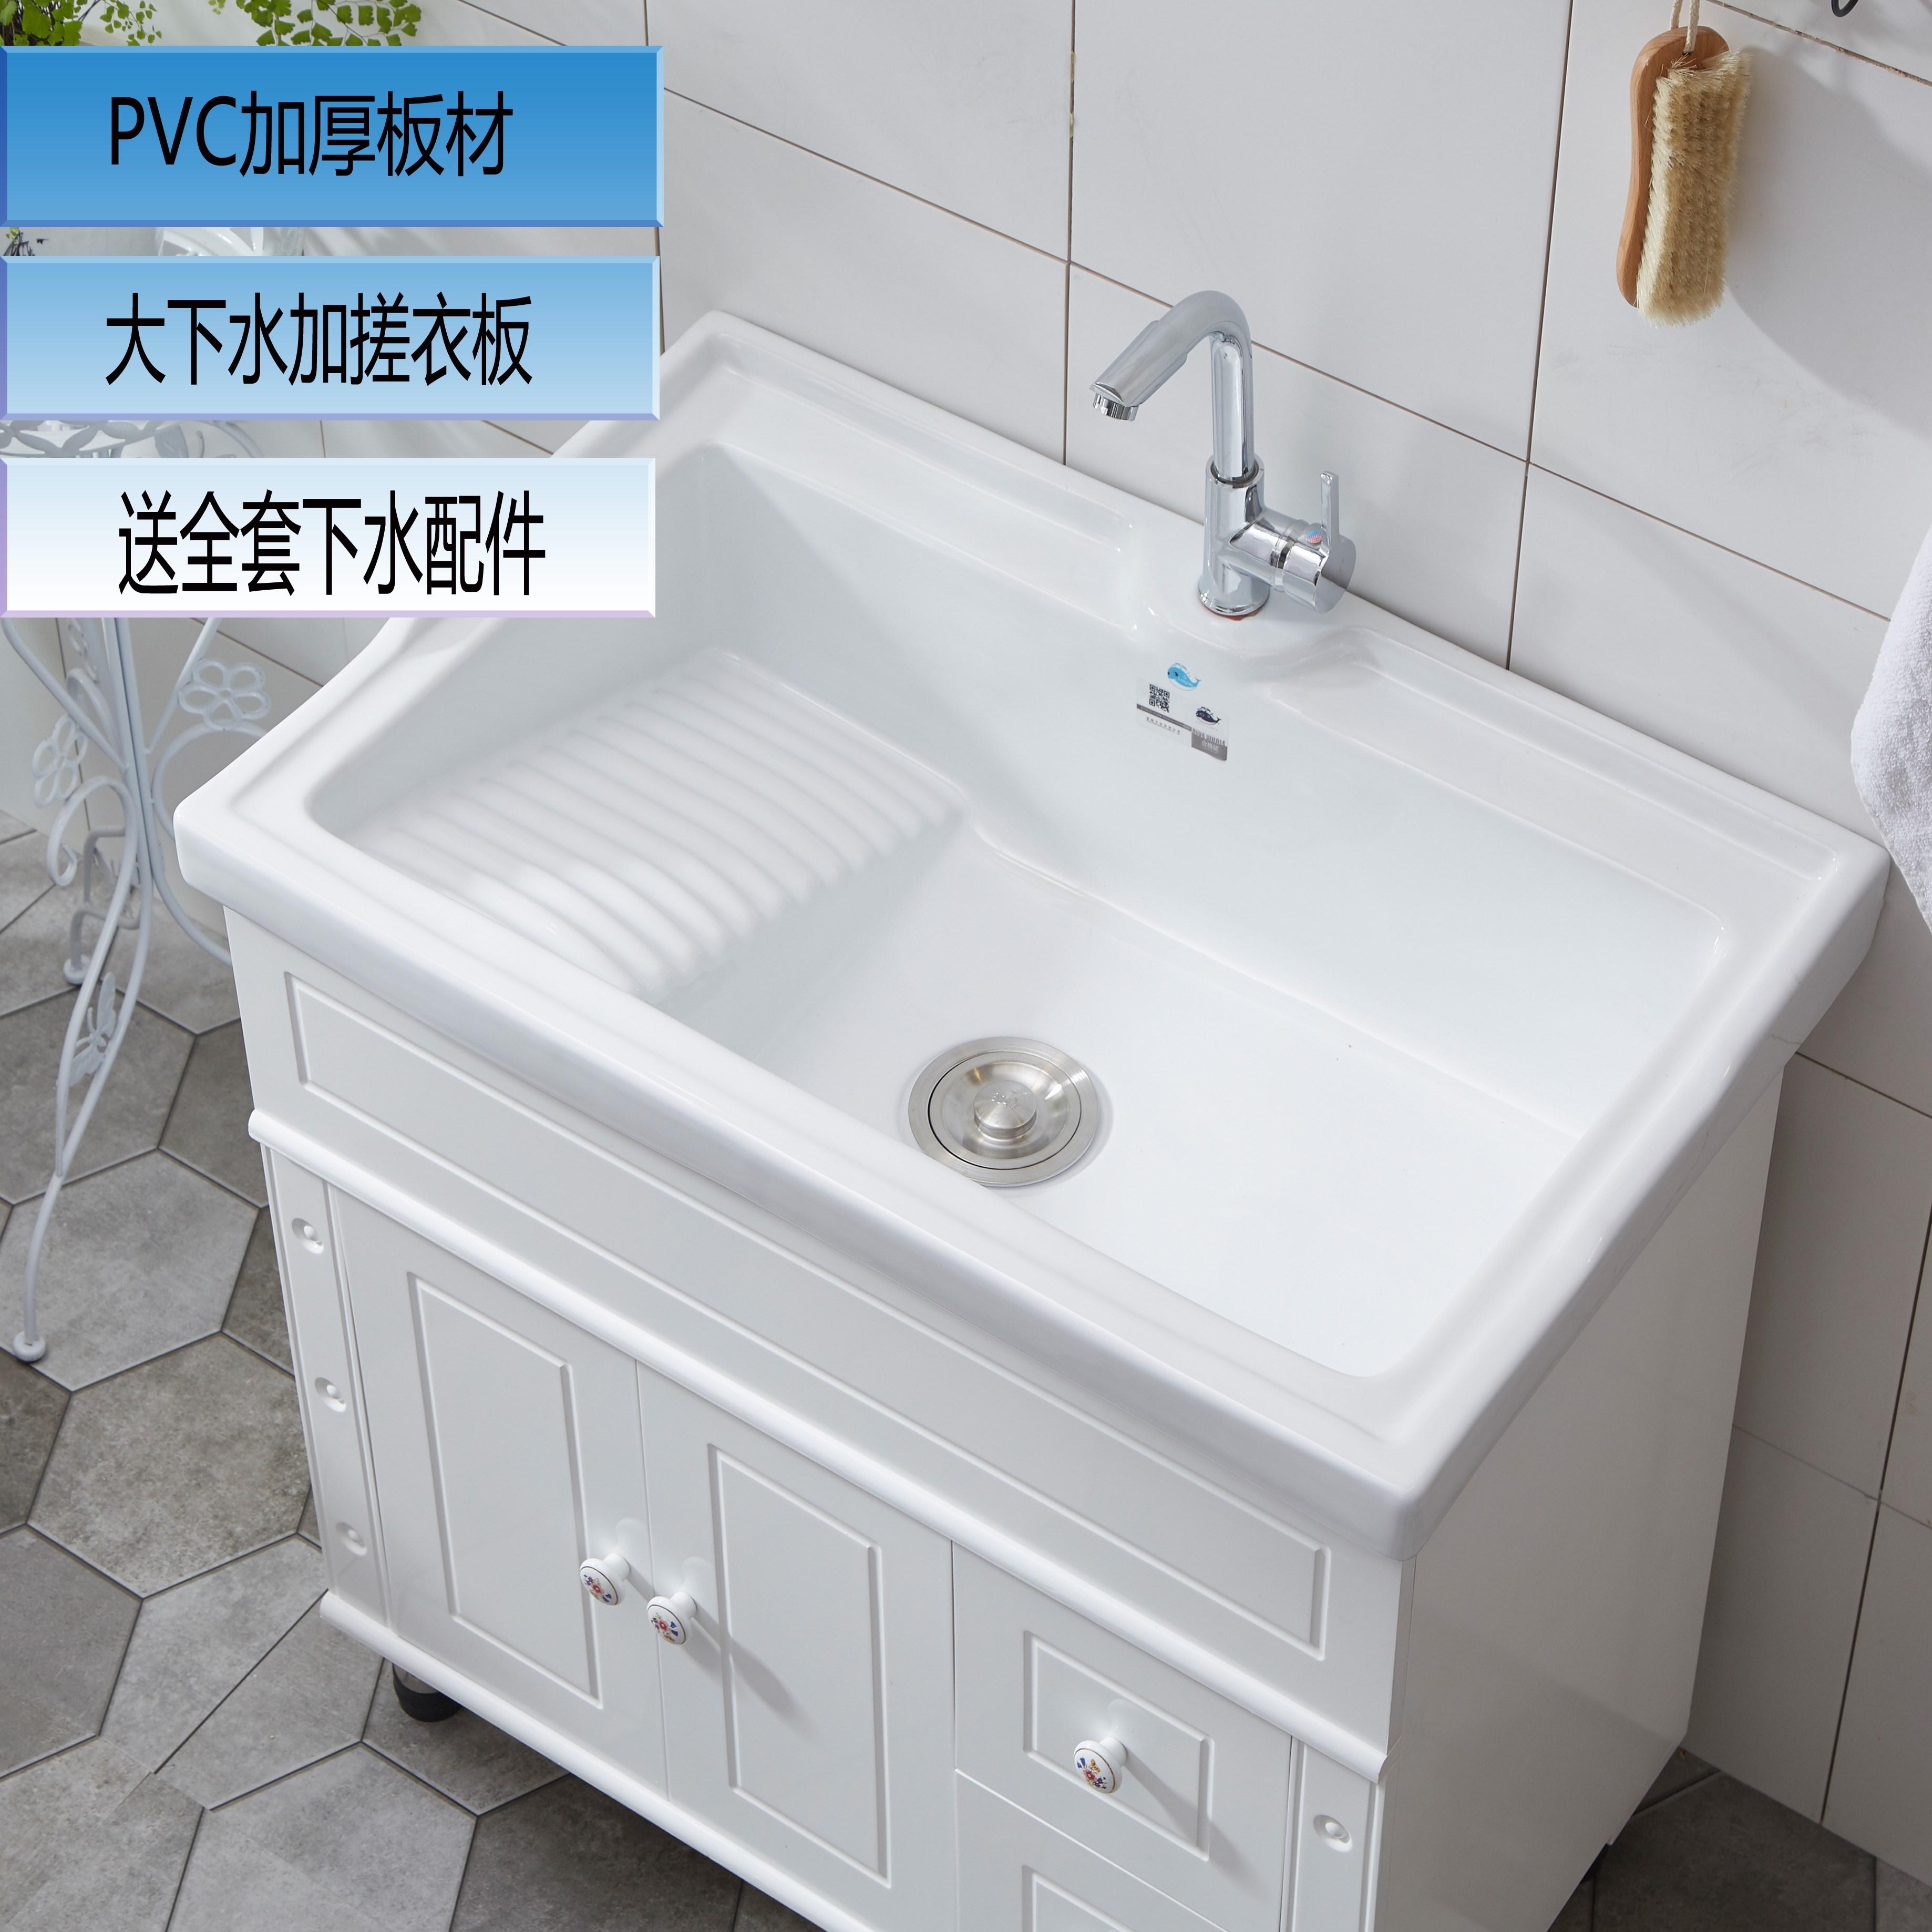 热销0件不包邮洗衣柜组合 洗衣池落地式阳台洗衣槽PVC浴室柜阳台柜洗手台盆组合